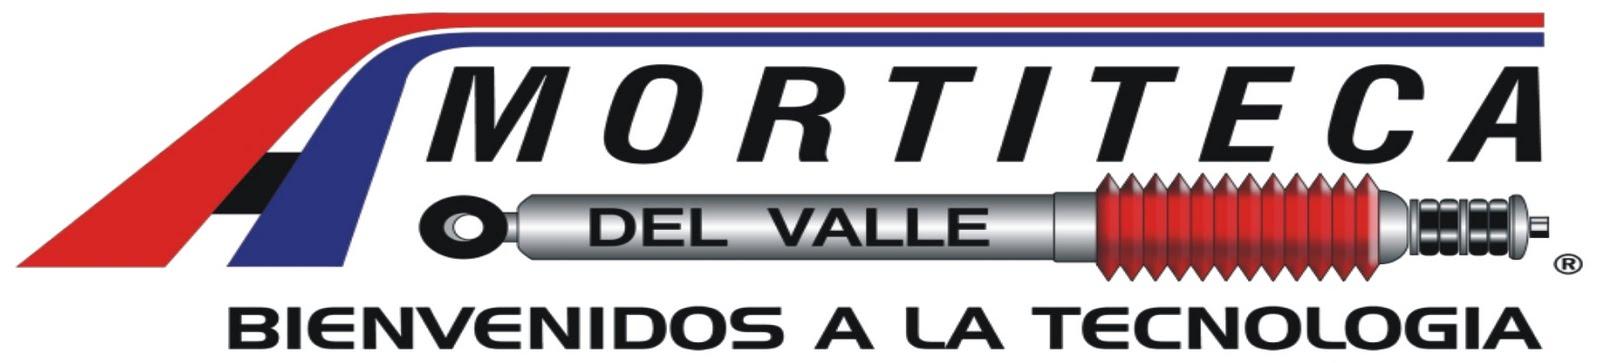 AMORTITECA DEL VALLE